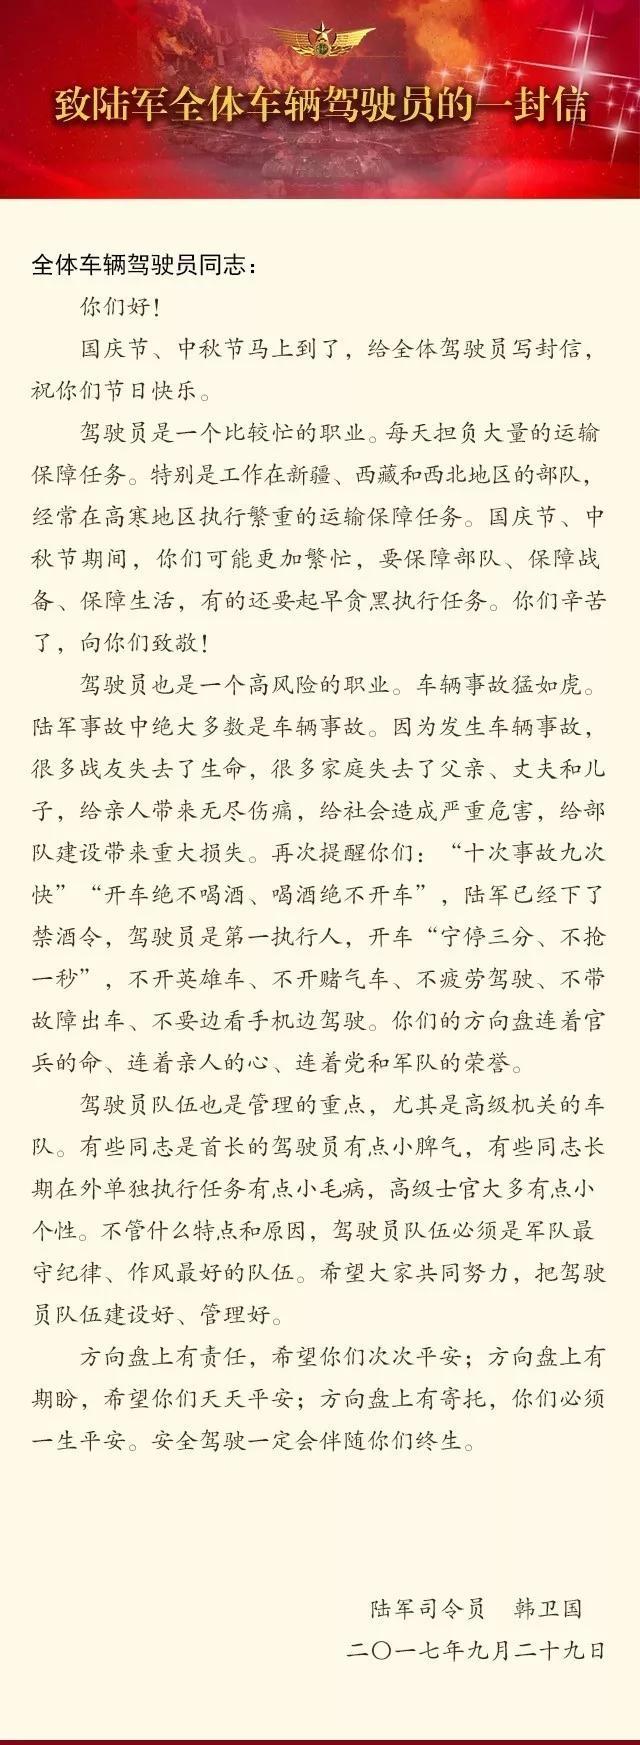 陆军司令员致陆军全体车辆驾驶员的一封信